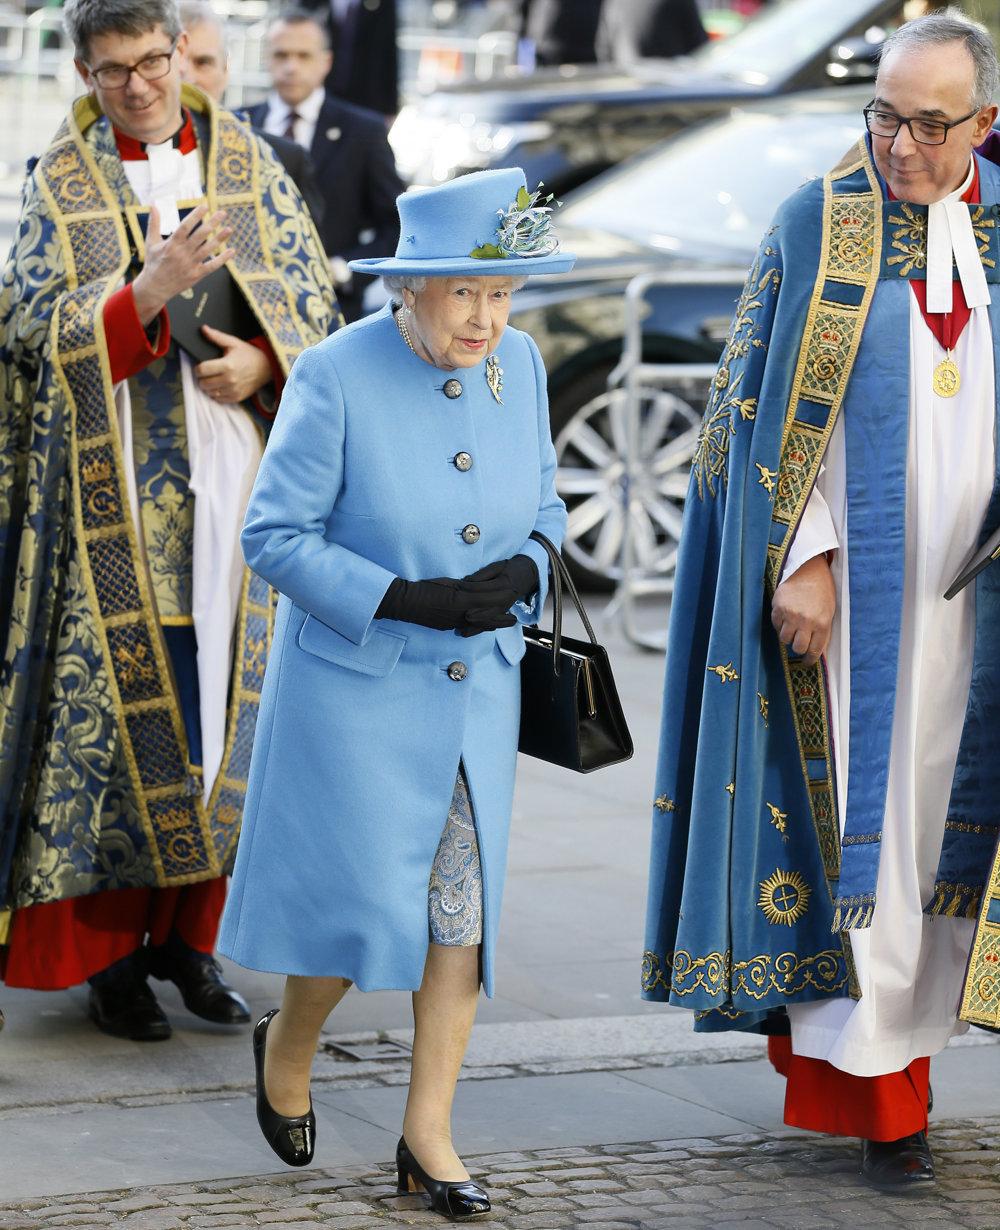 Kráľovná Alžbeta II. je známa obľubou jasných pastelových farieb.